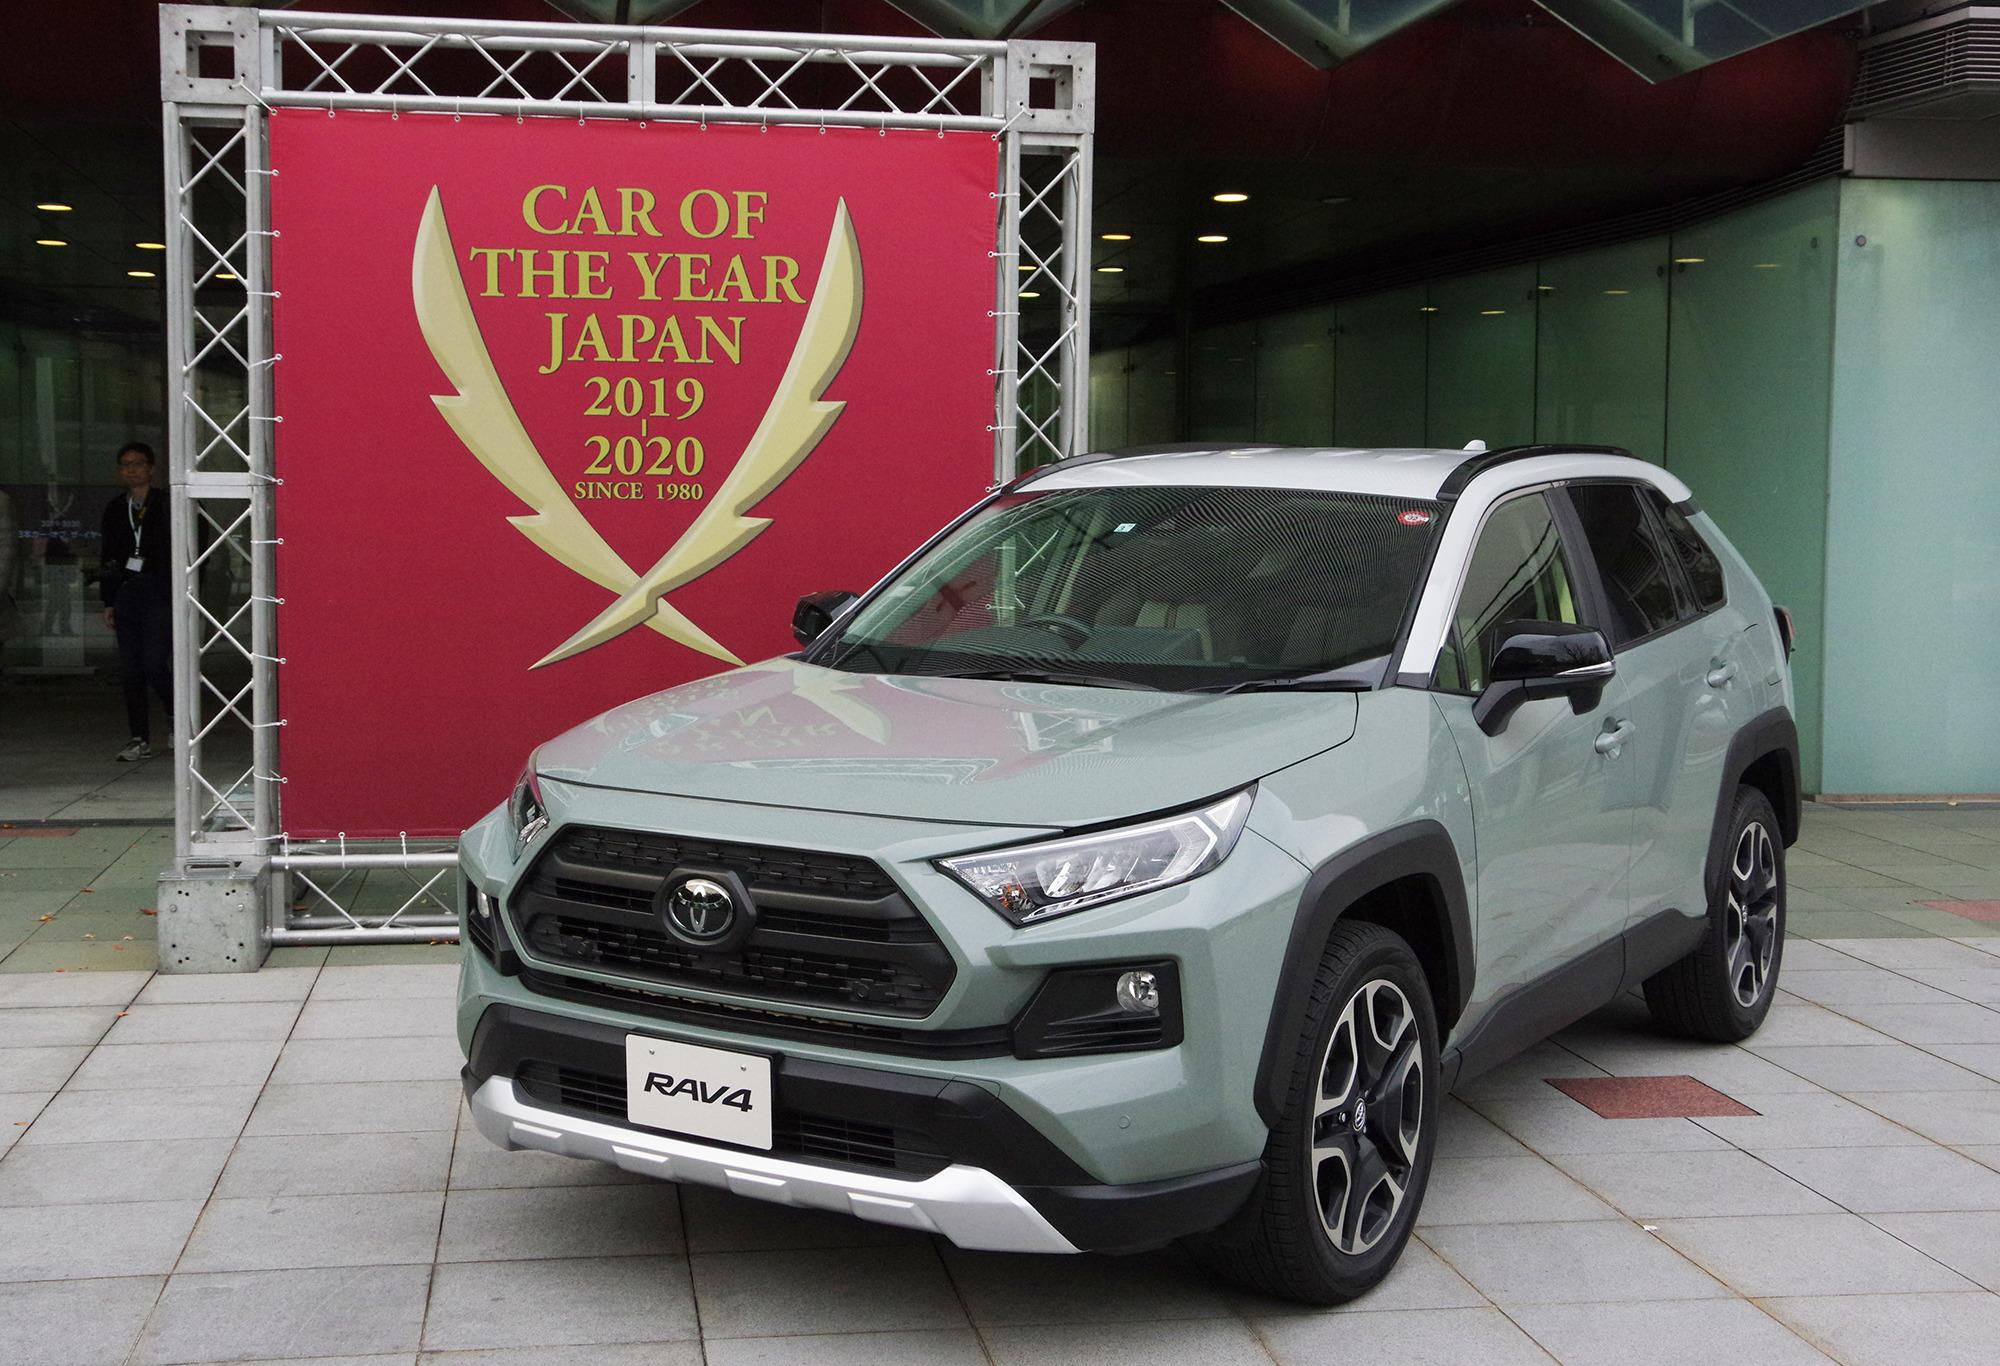 Подведены итоги конкурса Car of the Year Japan: «Автомобилем года в Японии» стала новая Toyota RAV4. Второе место заняла Mazda 3, а «бронза» досталась BMW 3-й серии.